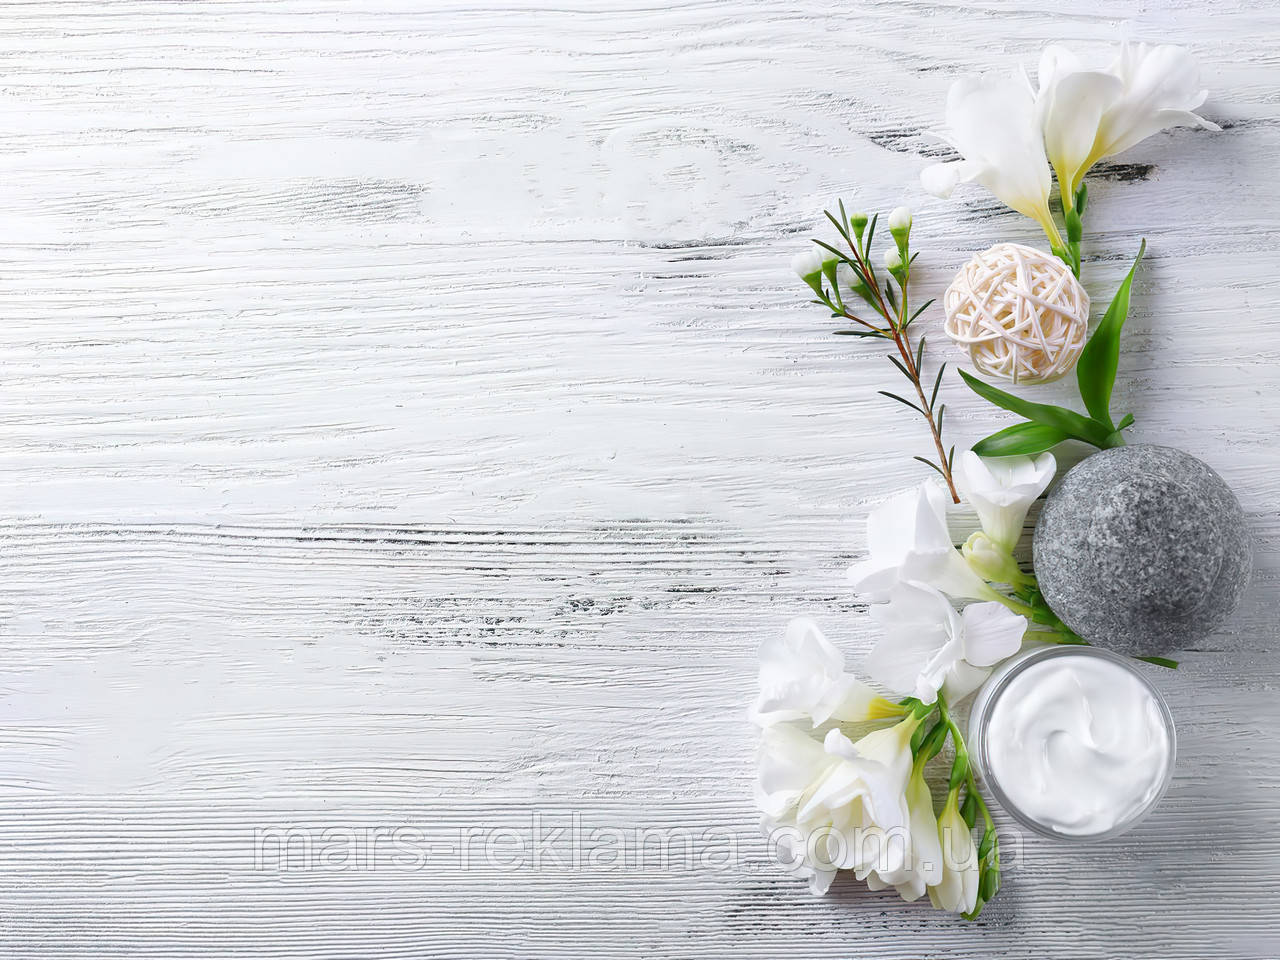 Вініловий фон (фотофон) студійний для предметної зйомки. Дерев'яні дошки. Білі квіти